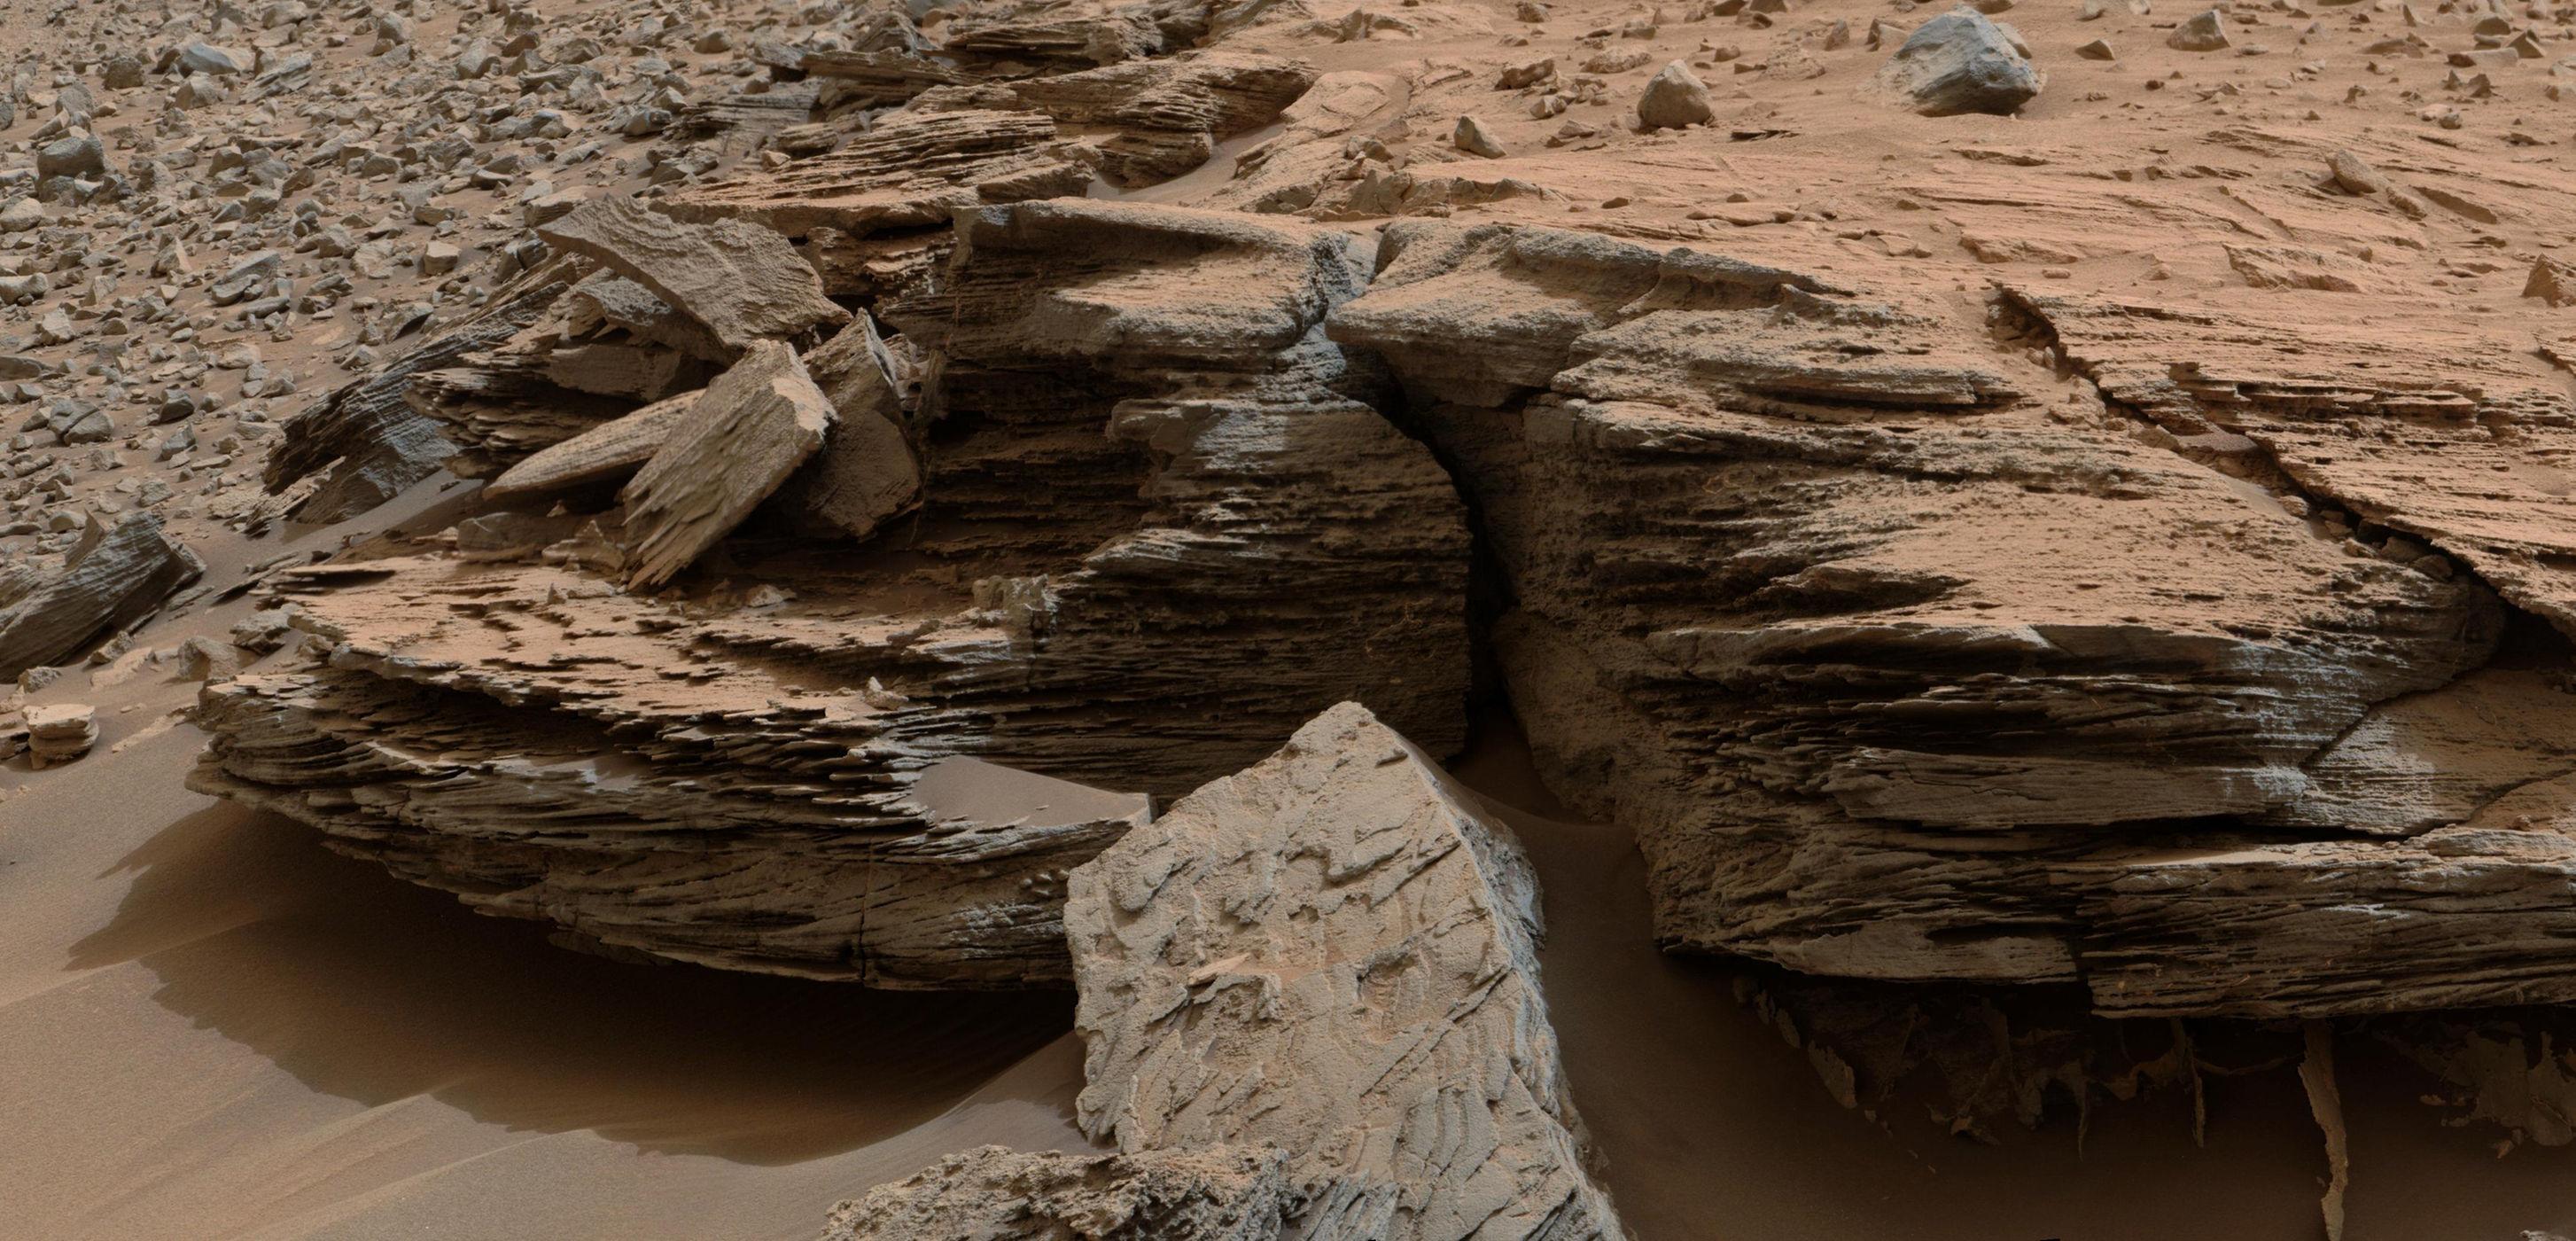 mars landscape materials - HD2907×1400